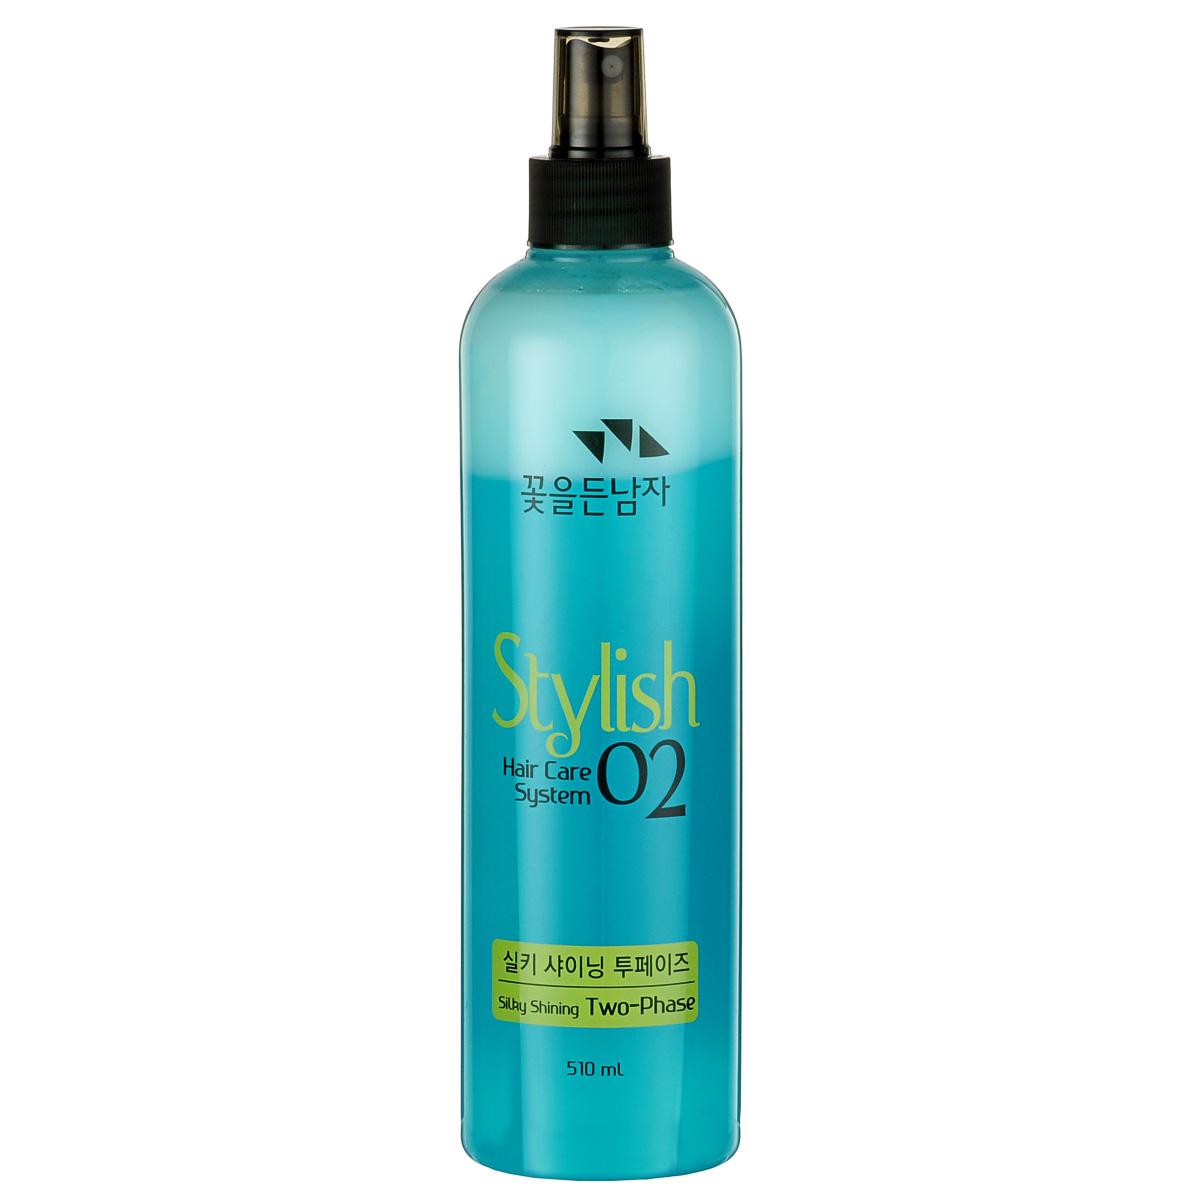 Somang Hair Care Двухфазный флюид Бриллиант, 510 мл902176107Питает и восстанавливает волосы, предавая волосам объем и здоровый блеск. Волосы не путаютсяи легко расчесываются. Защищает волосы от ультрафиолетового излучения. Для всех типов волос. Подходит для ежедневного использования.